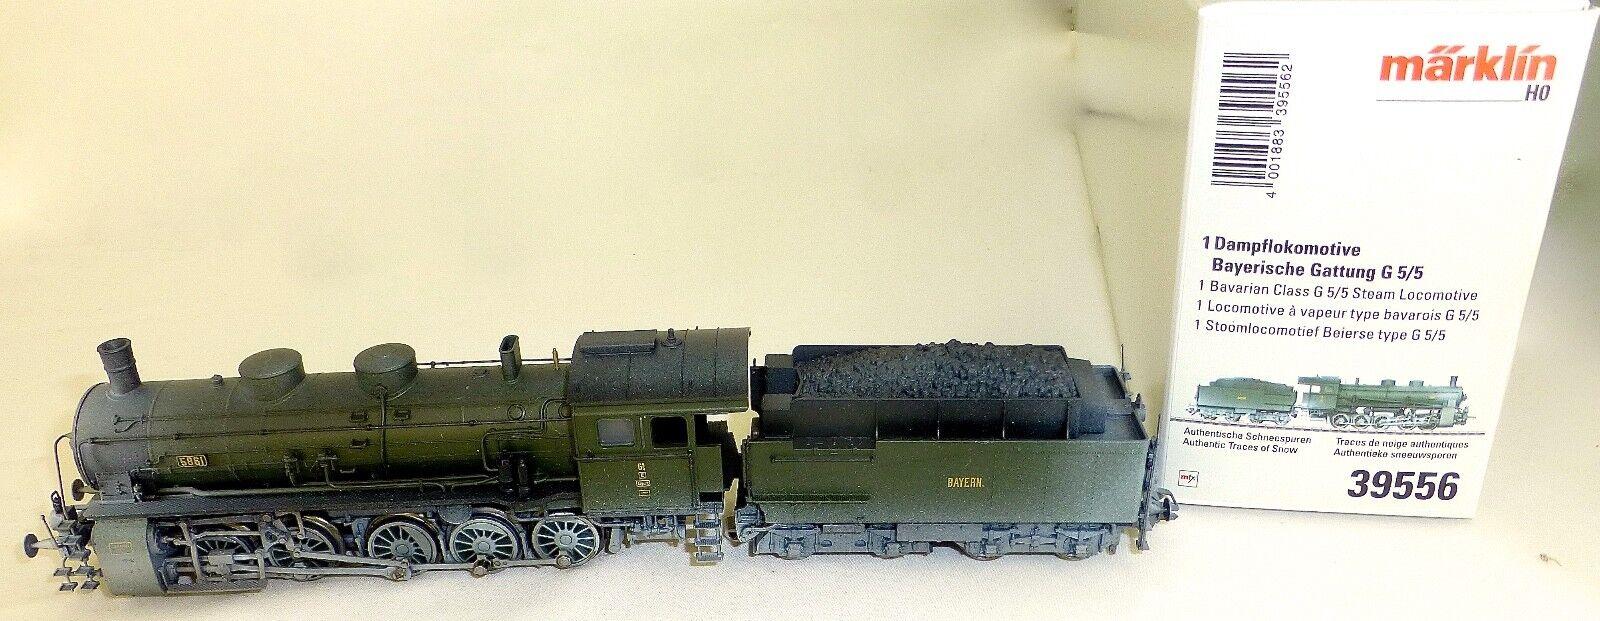 Bay G 5 5 Steam Locomotive Winter Dig EPII Märklin 39556 H0 1 87 NIP HJ3 µ